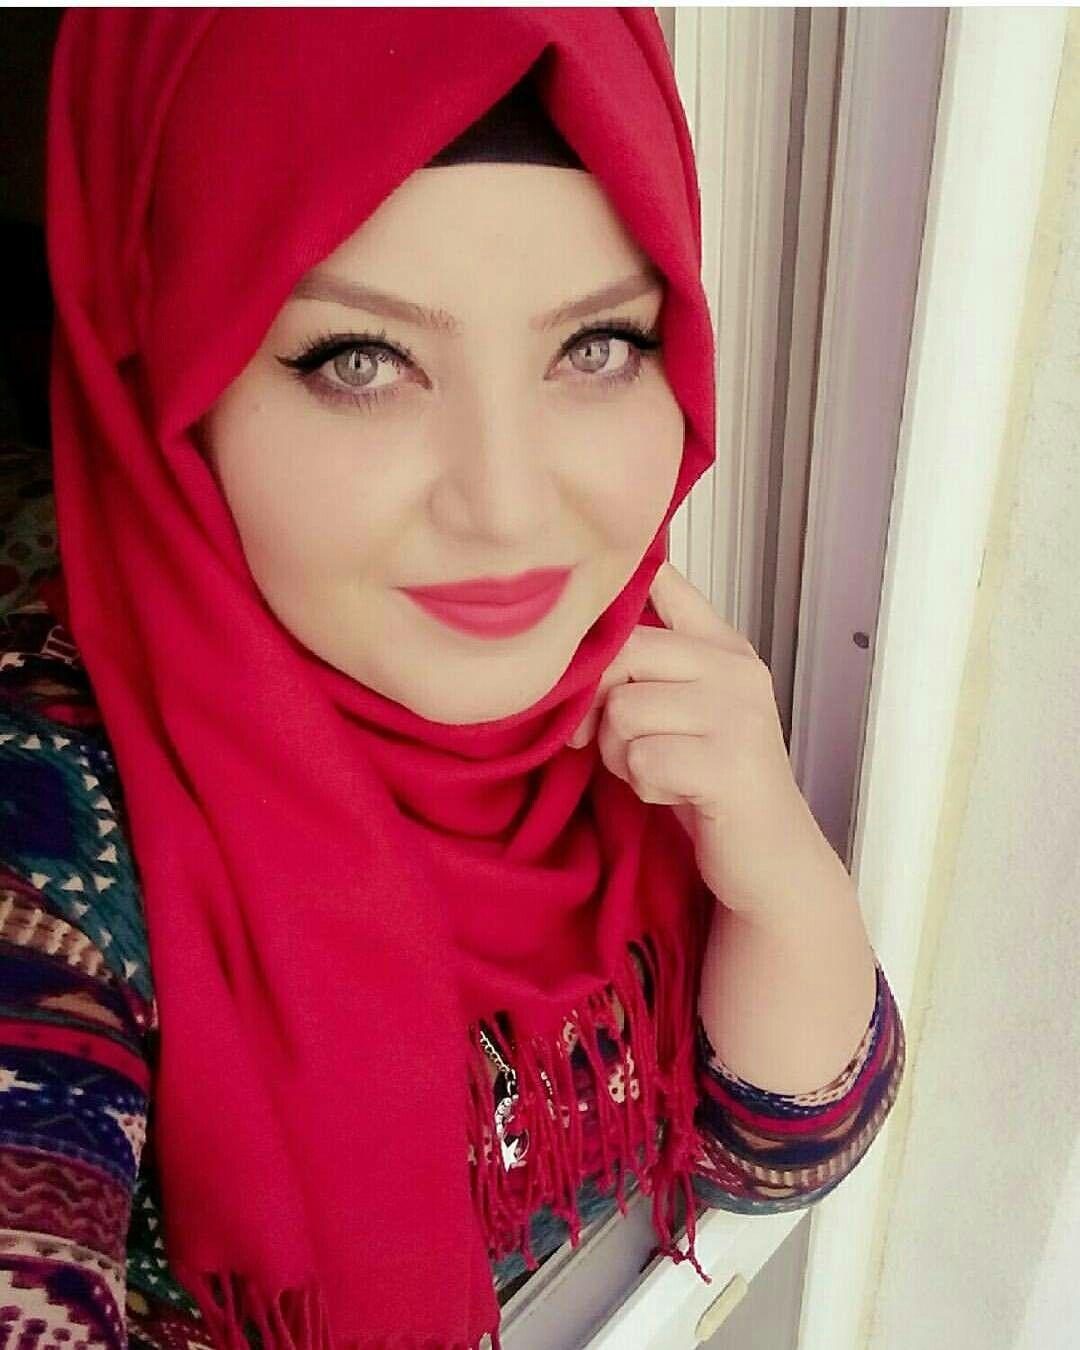 فتيات من الشيشان يبحثن عن عرب للزواج والتكاليف على جمعية الأسرة المسلمة فتيات من ال Youtube Married Places To Visit Lei Necklace